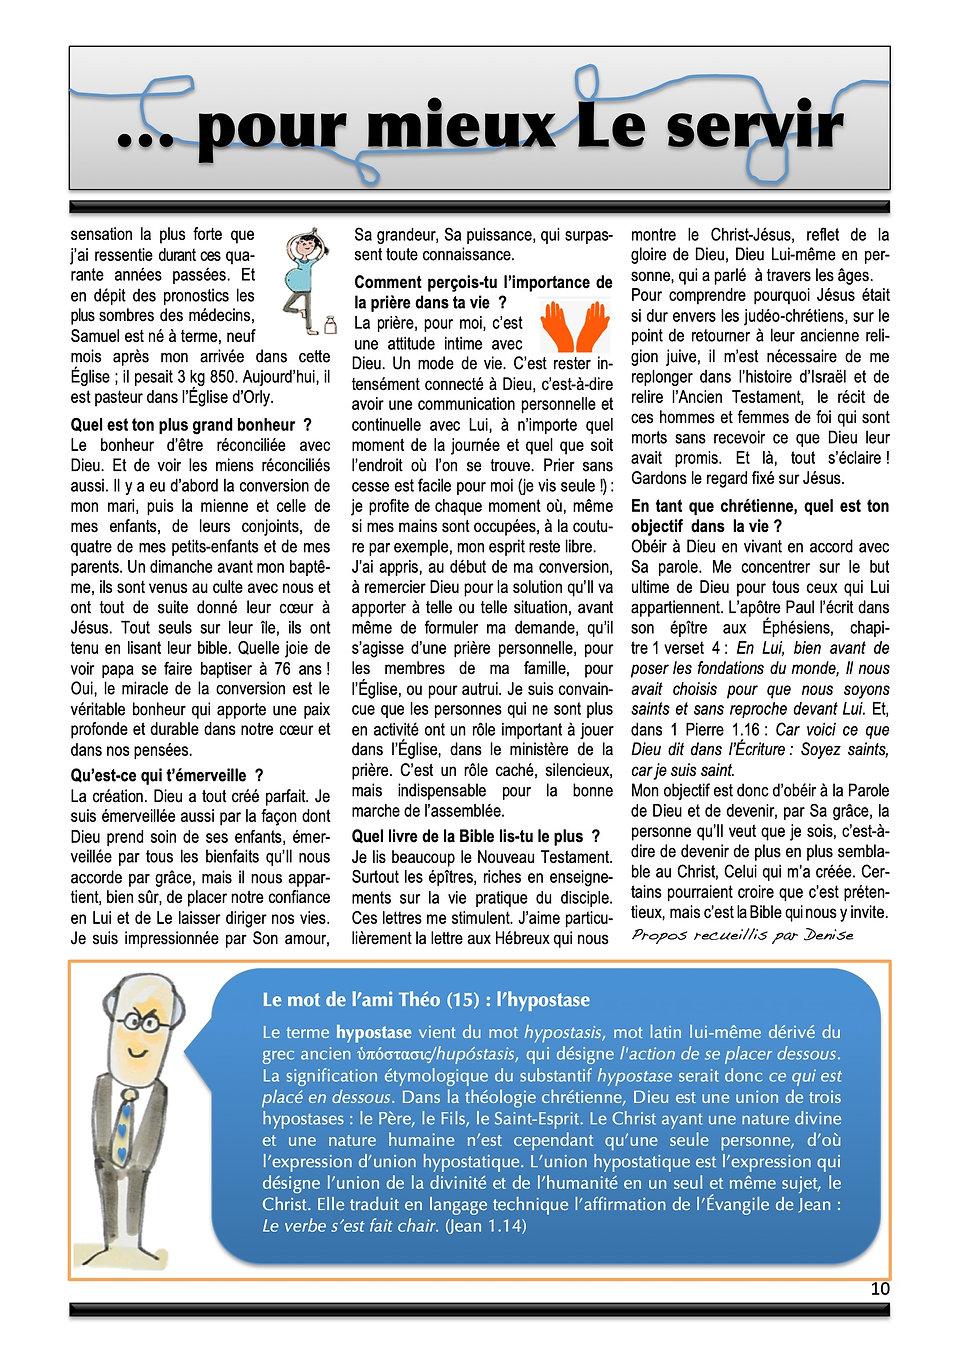 P'tit BN 30-50 pour le site-page10-10.jp